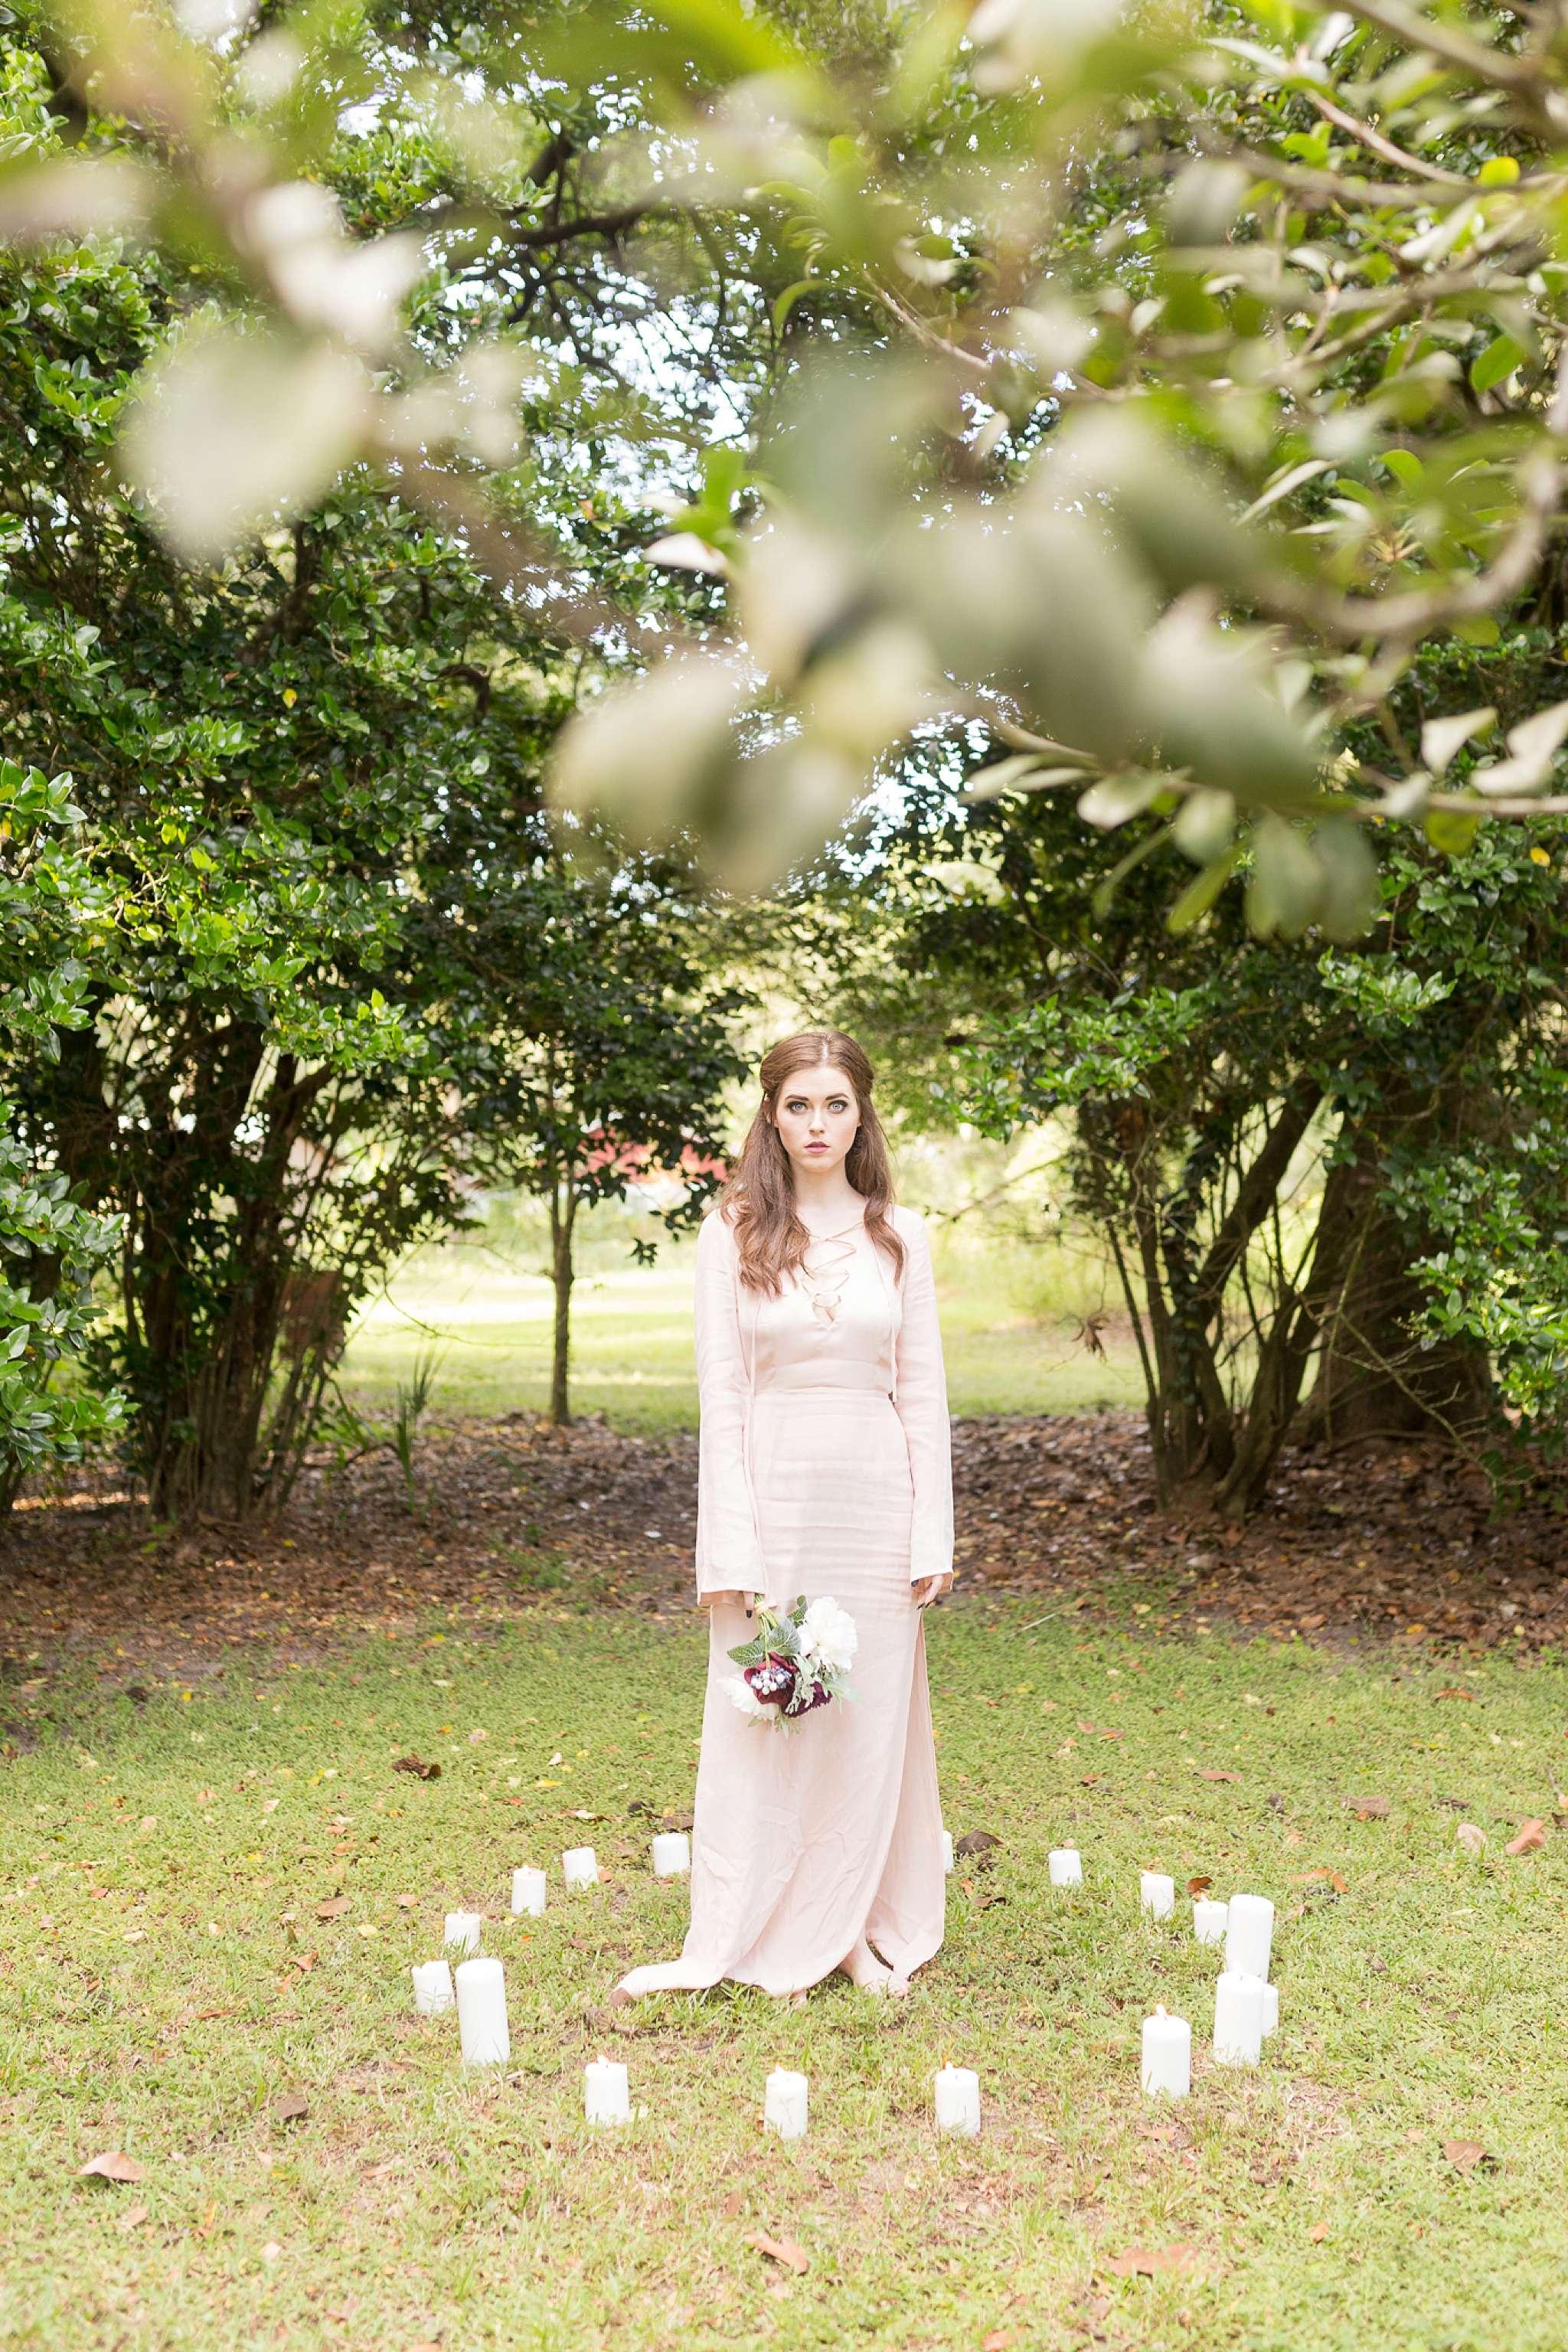 Amber-Nicole-Portrait-Jacksonville-Florida_0184.jpg